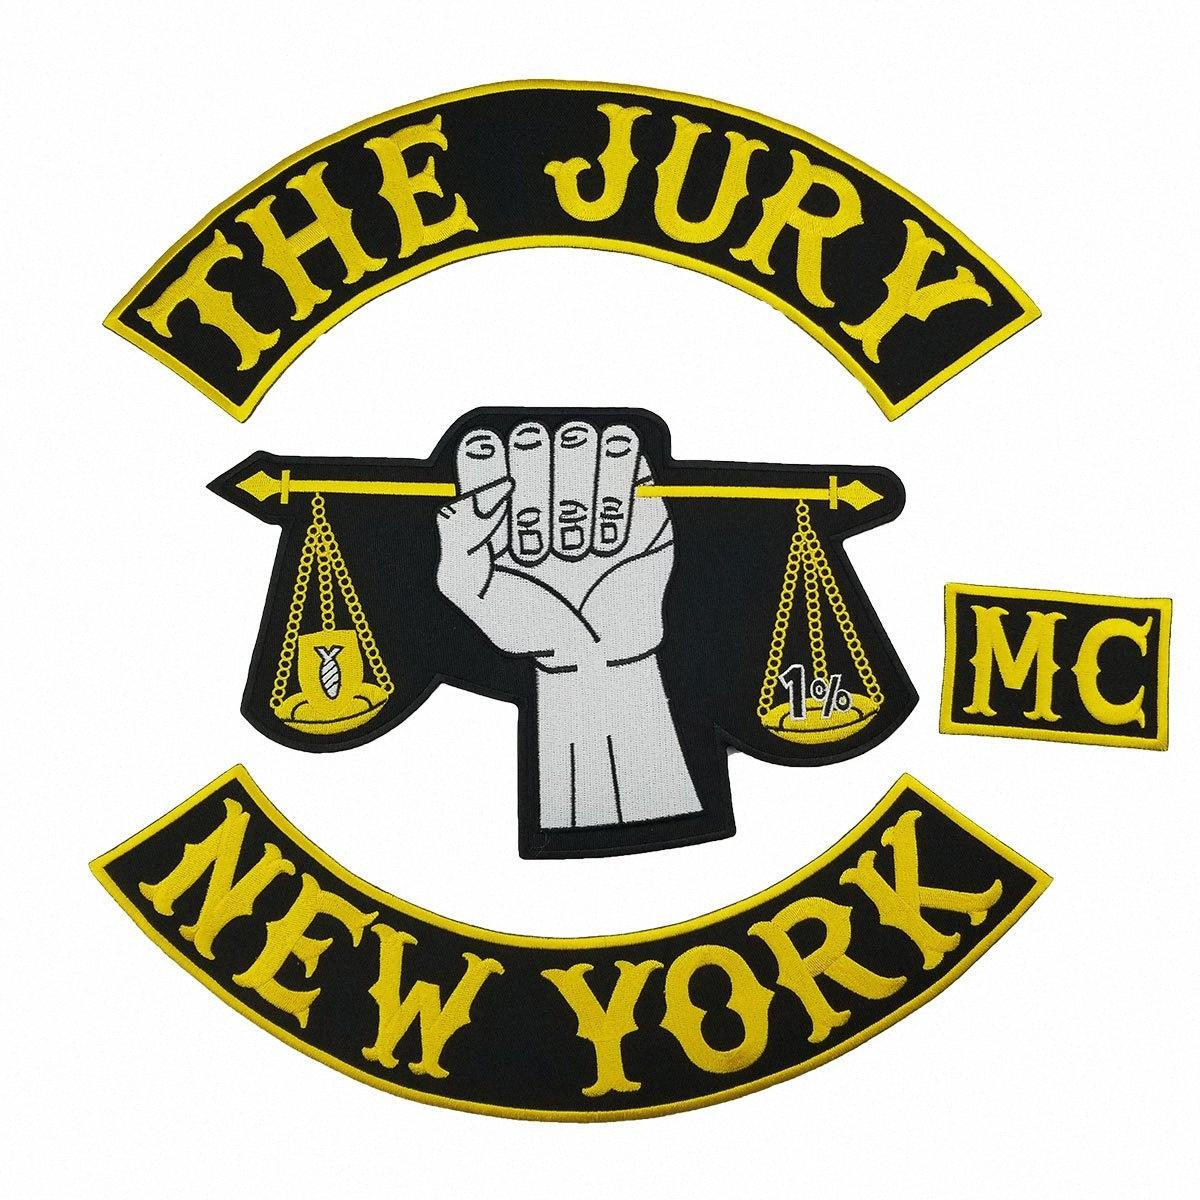 CORES QUENTES VENDA MAIS FRESCO DO JÚRI NEW YORK MOTORCYCLE CLUB VEST OUTLAW BIKER MC PATCH FRETE GRÁTIS OSvJ #